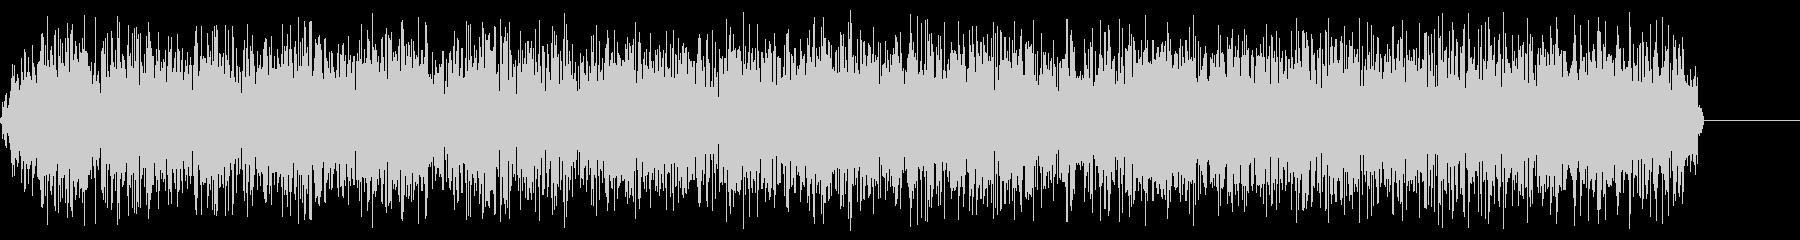 ダークズーム-Fx Musicの未再生の波形